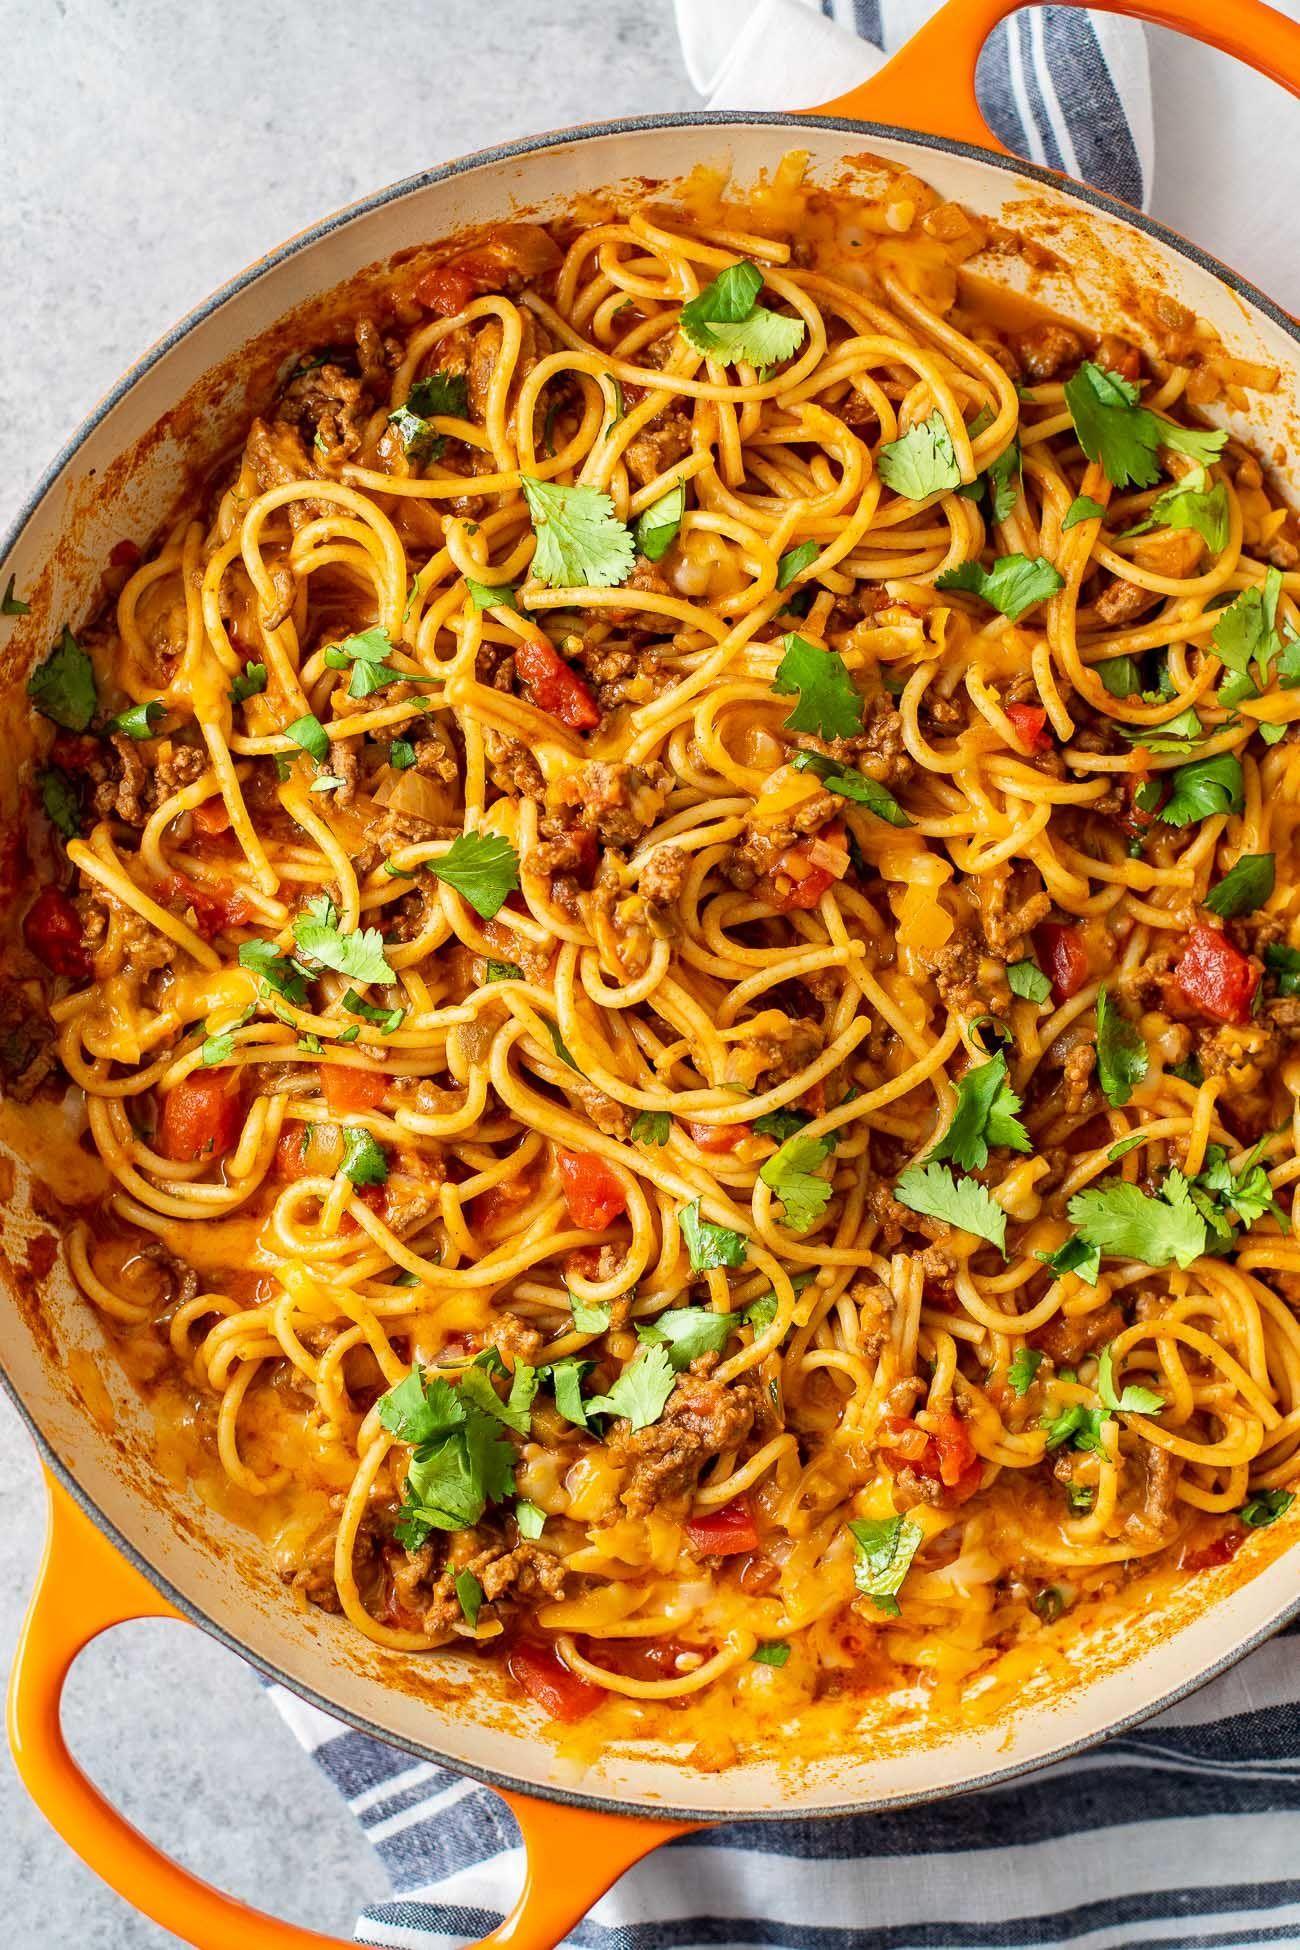 Mexican Spaghetti Casserole (Easy Taco Spaghetti!) - Casserole Crissy